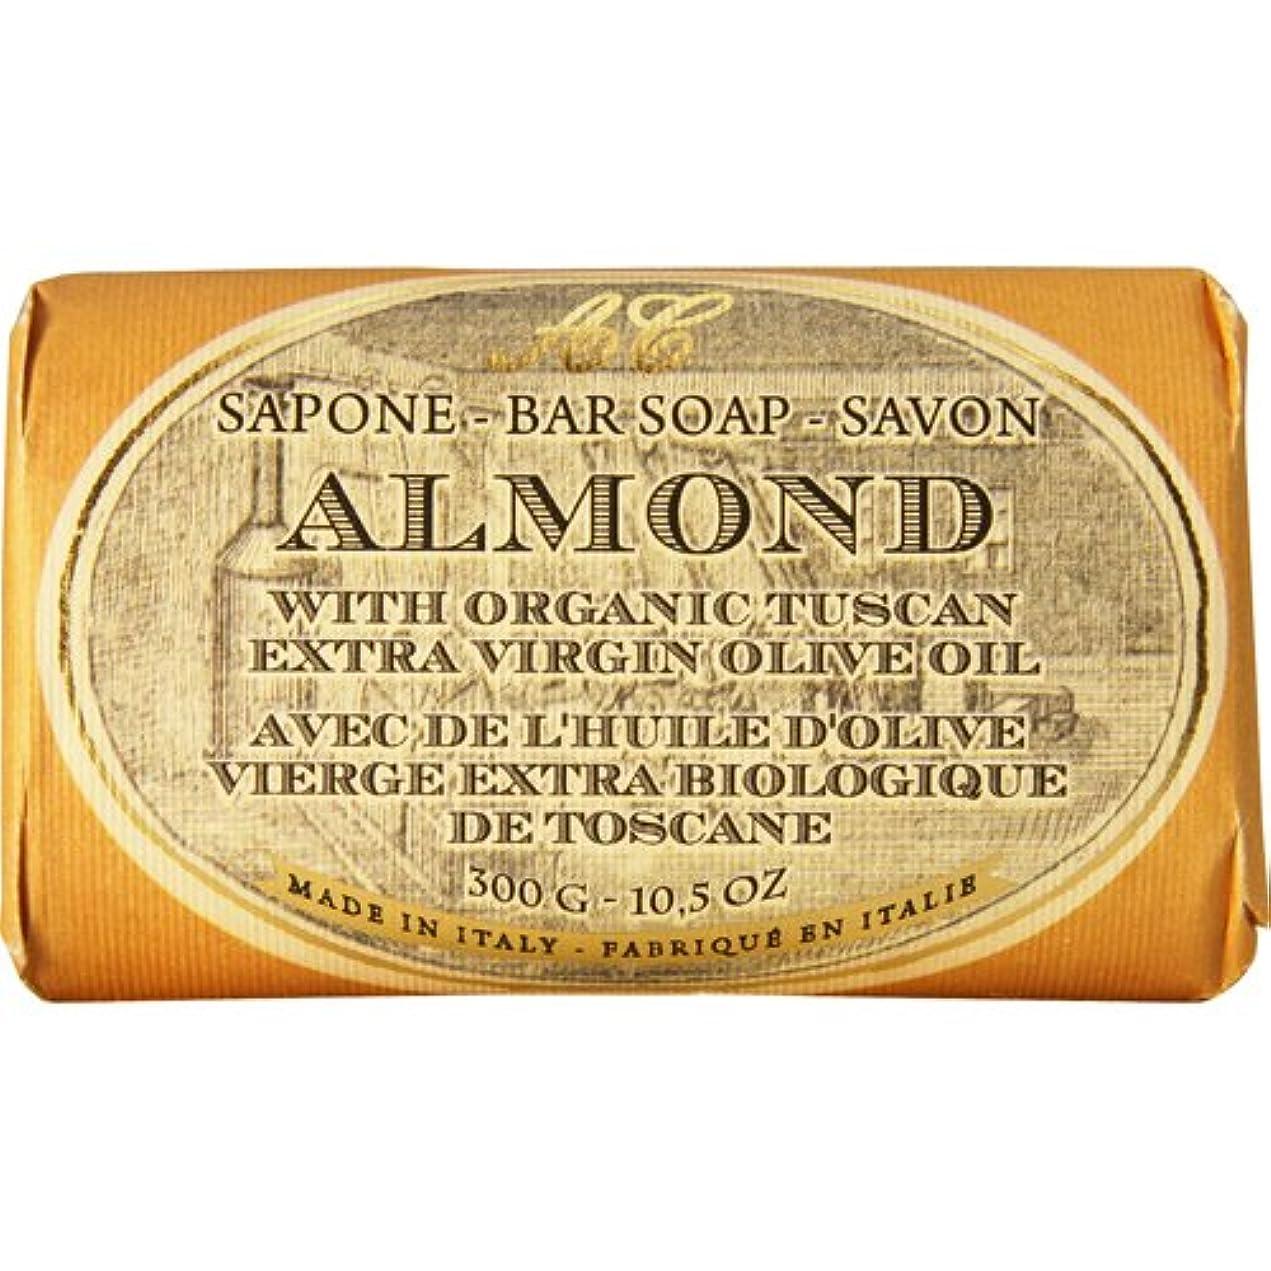 手書き鼻四半期Saponerire Fissi レトロシリーズ Bar Soap バーソープ 300g Almond アーモンドオイル